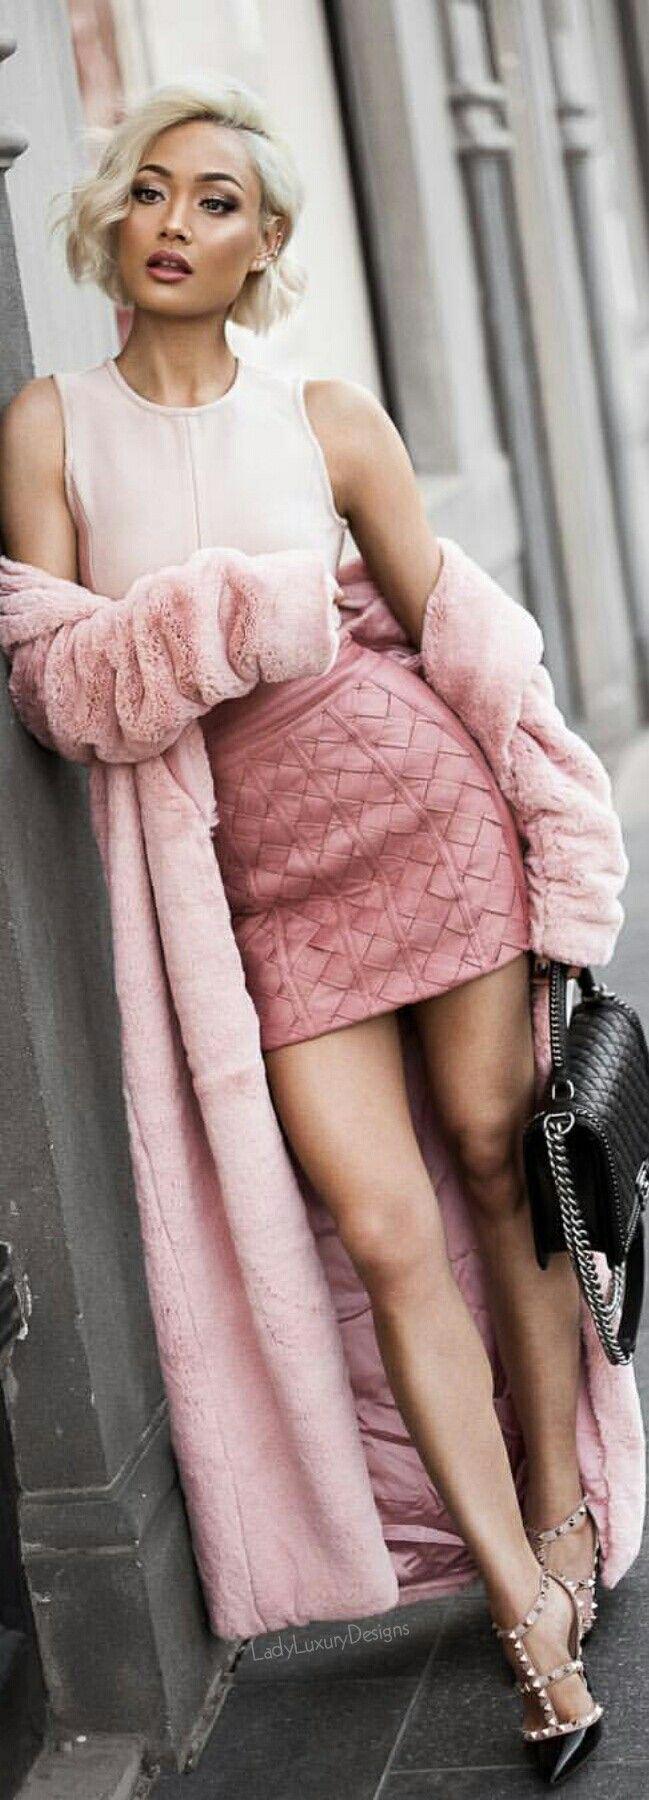 Cerramos el mes con Luxury Connoisseur || kallistos Stelios Karalis ||   •.♡ Follow me & FASHION PINK